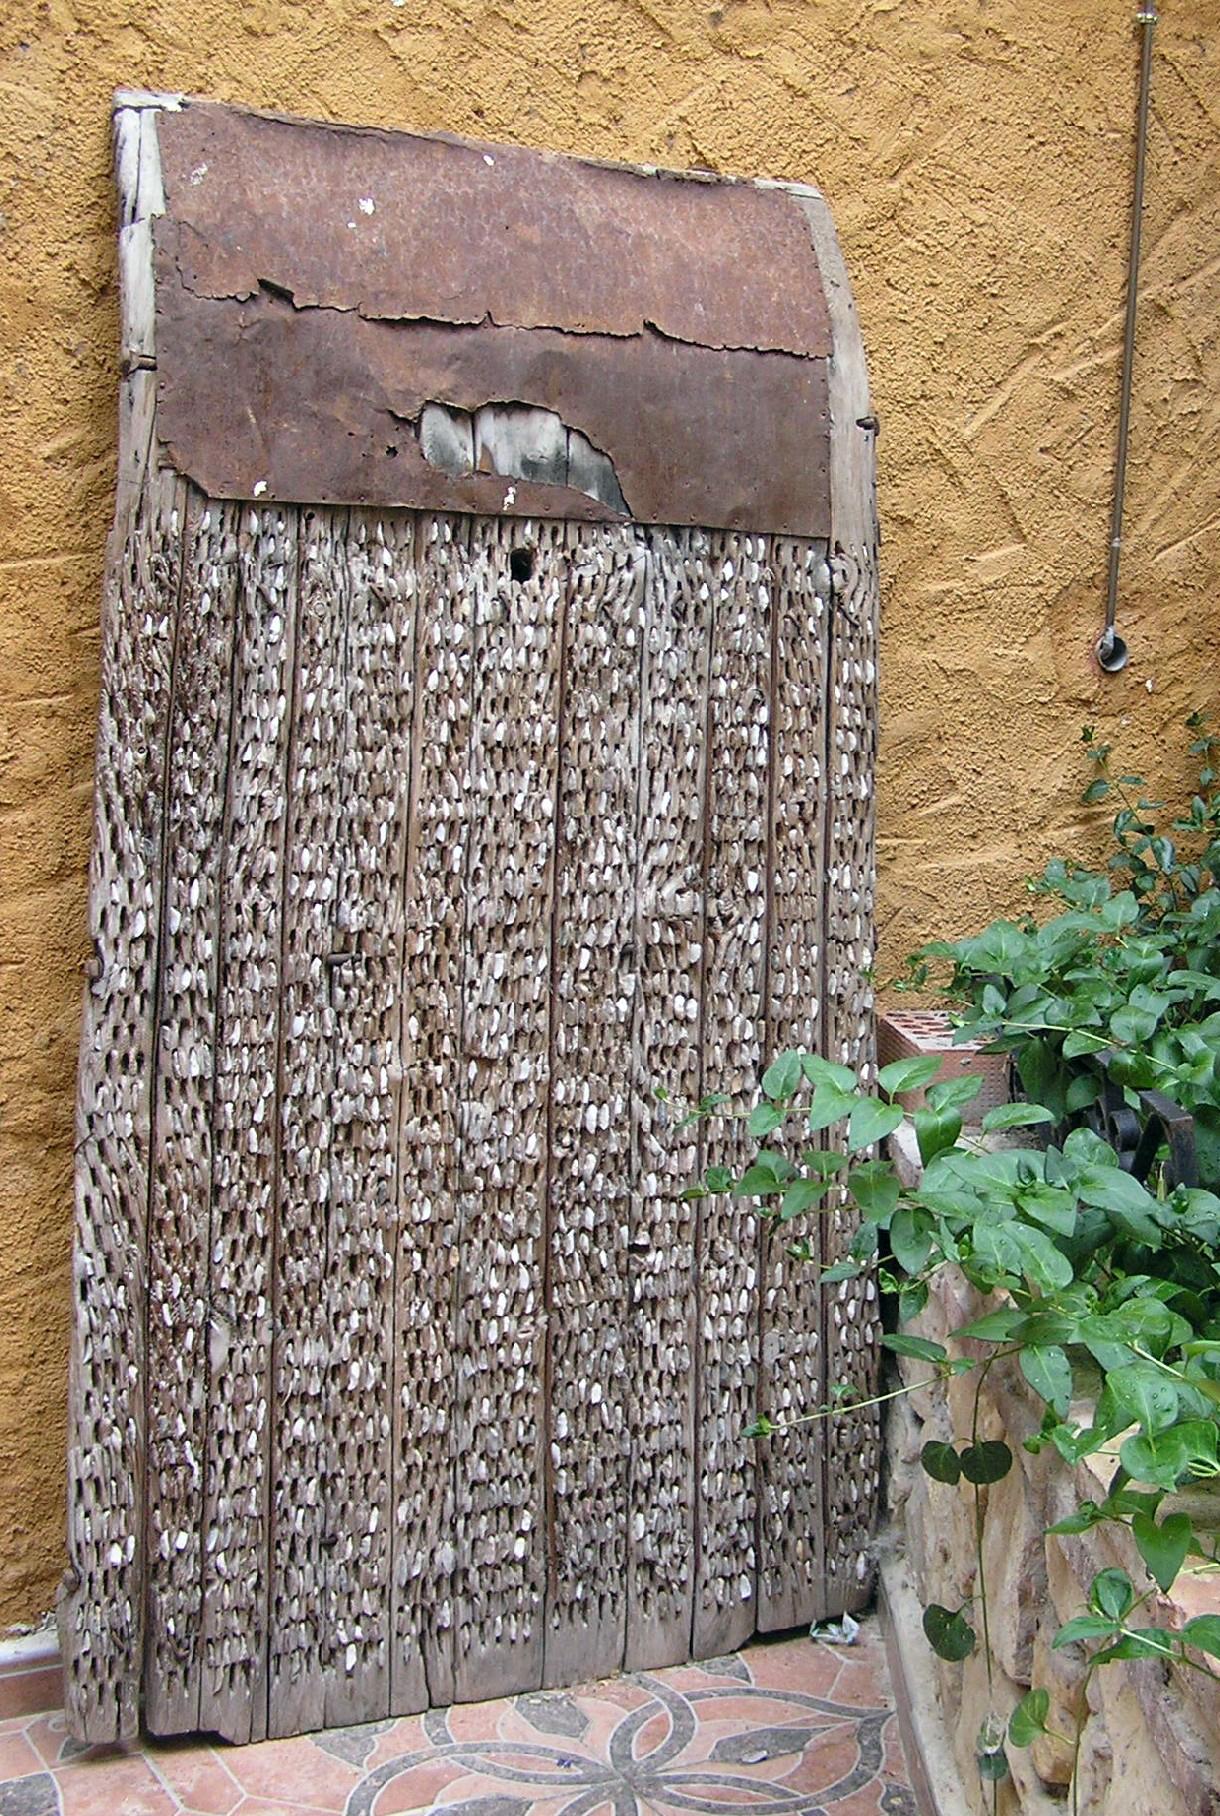 Aperos labranza castilla portal fuenterrebollo - Aperos agricolas antiguos ...